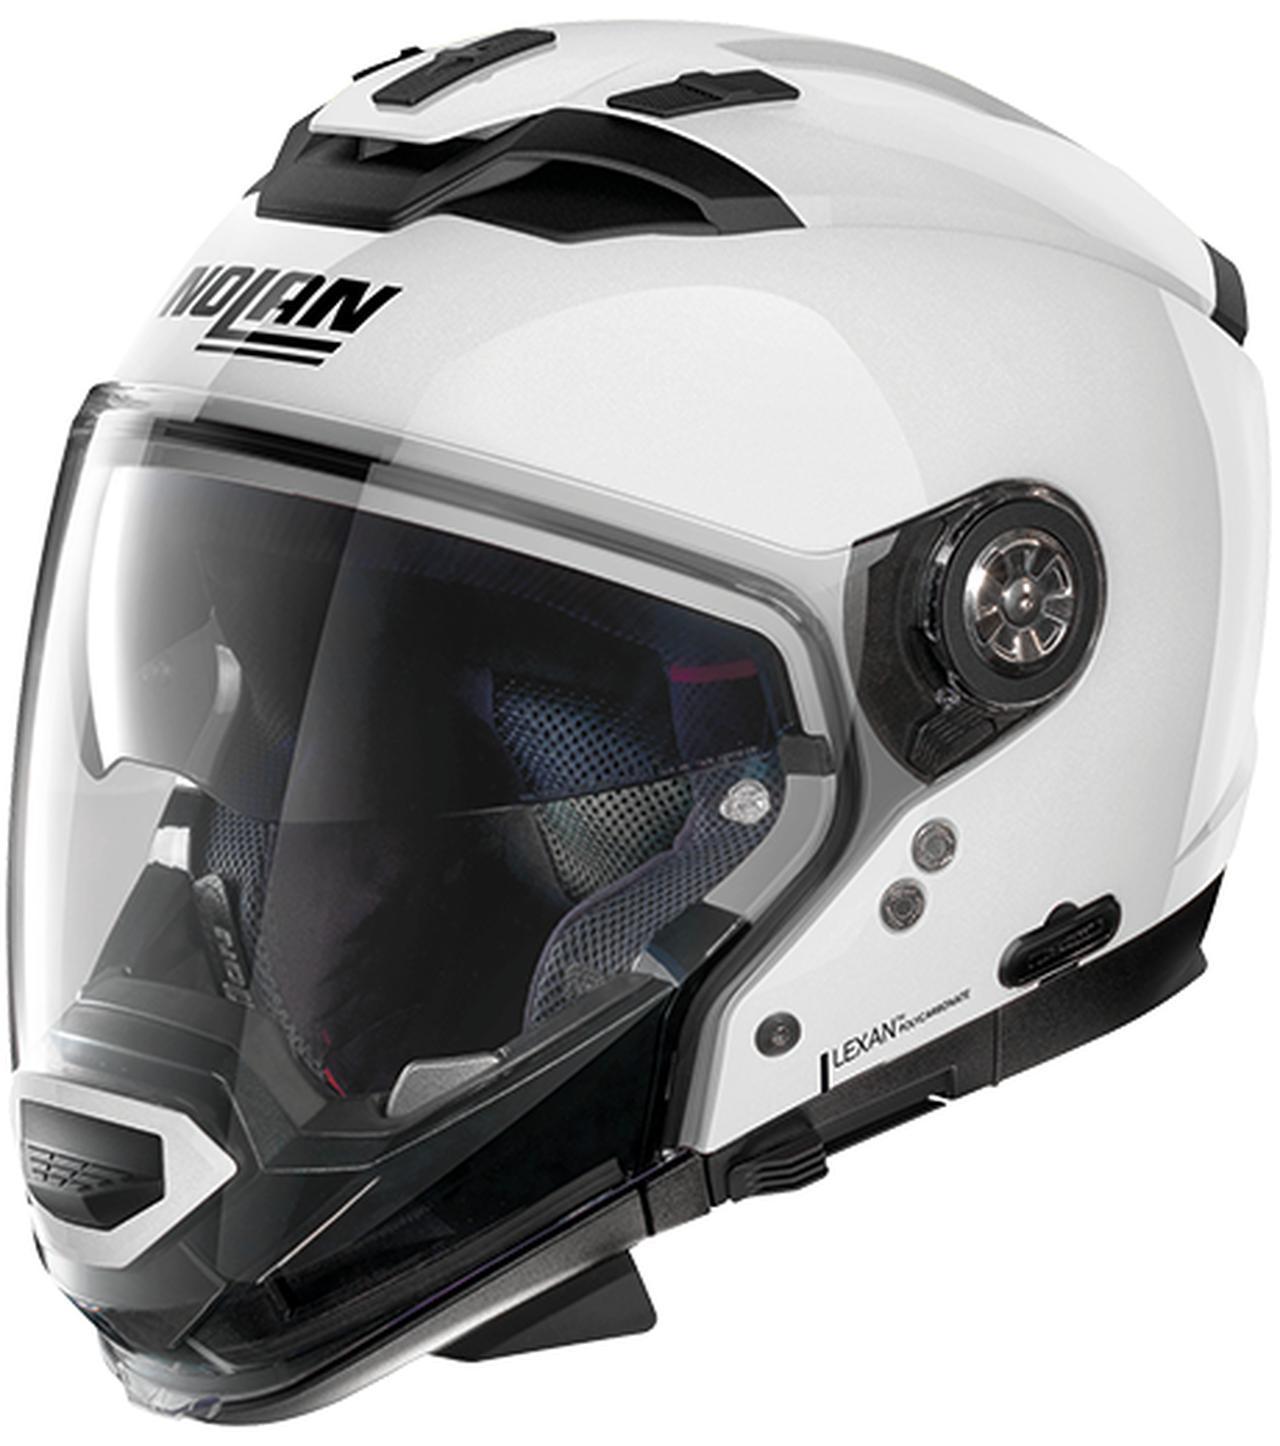 画像1: ジェットタイプにもモトクロススタイルにも変更できるNOLANのクロスオーバーヘルメット「N70-2GT」が新登場!